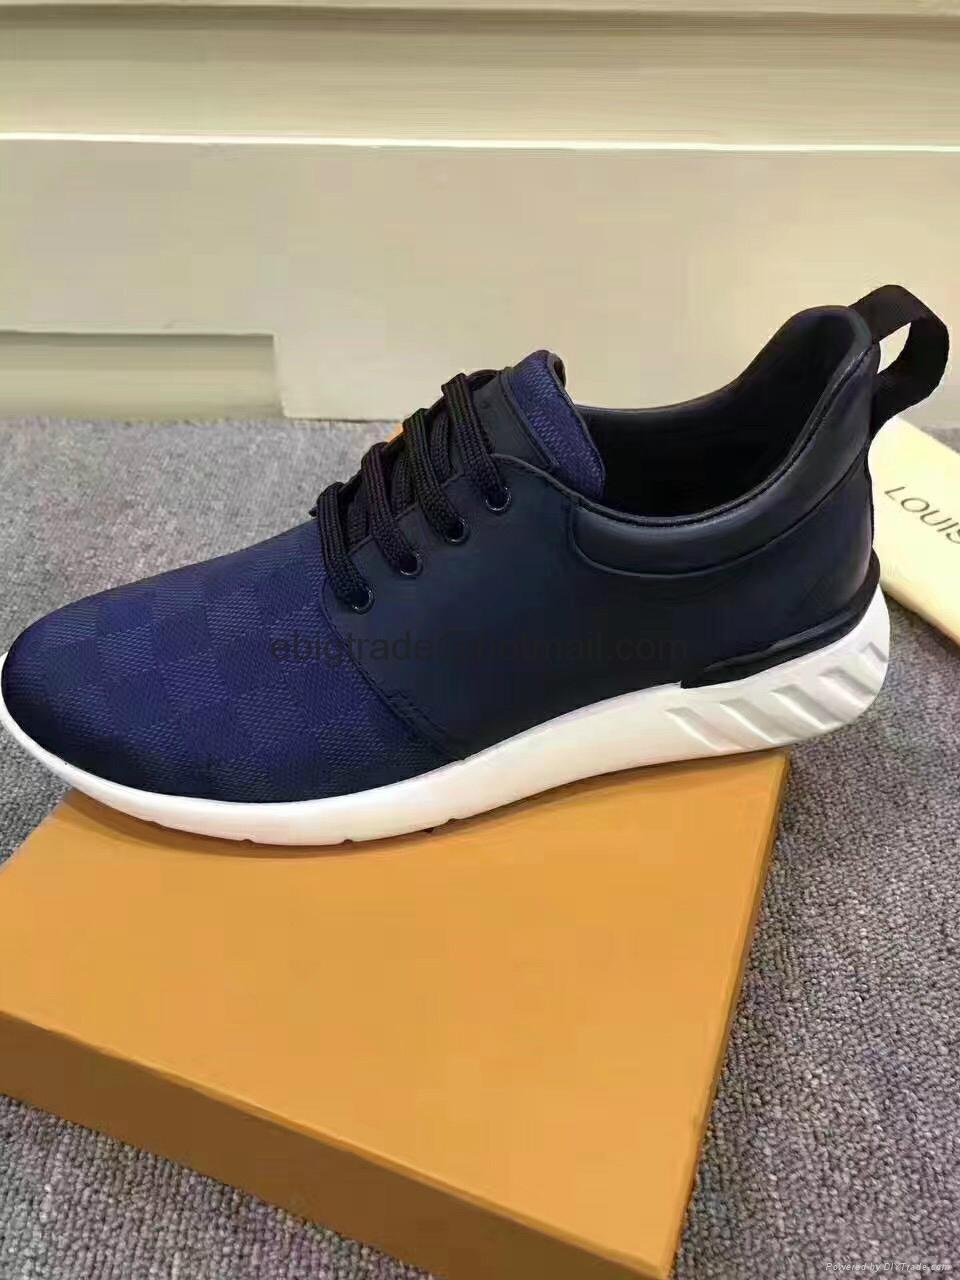 discount Louis Vuitton shoes